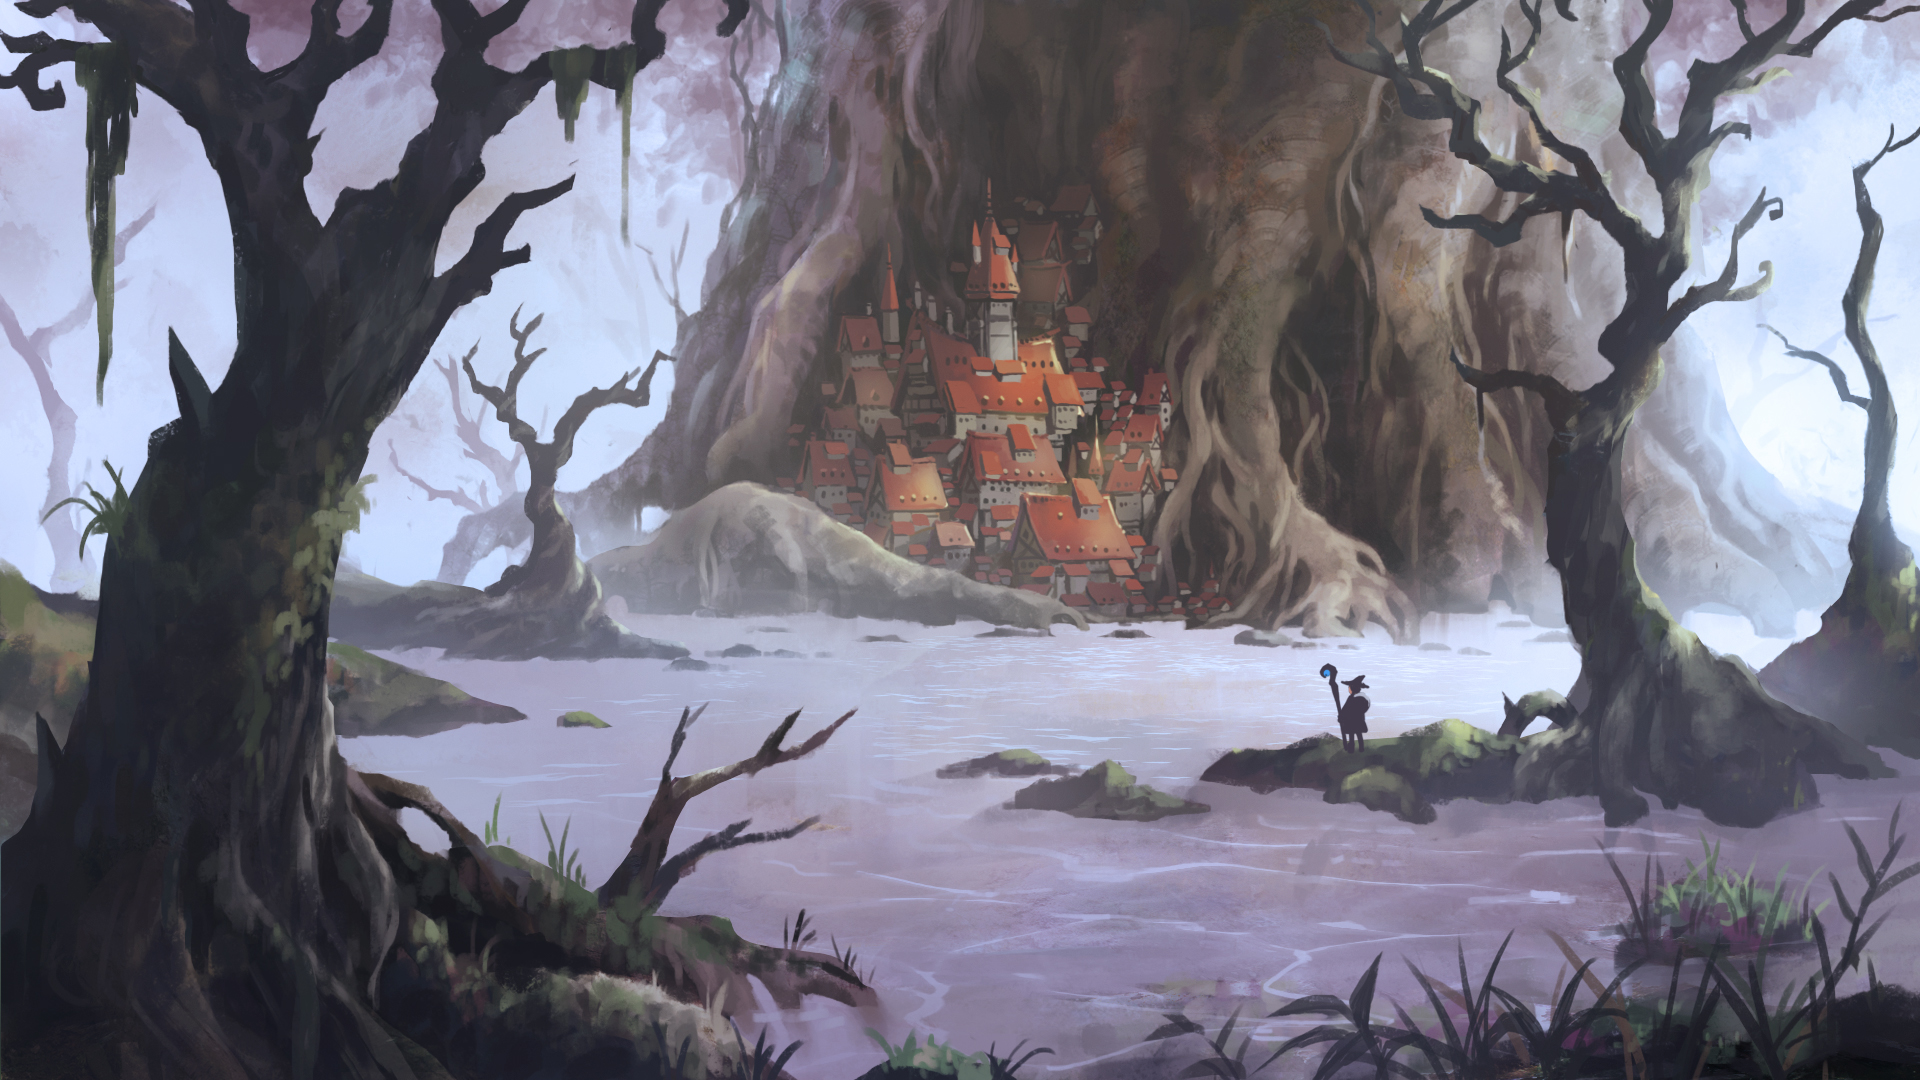 自然 森林 河川 城堡 动漫壁纸-动漫壁纸